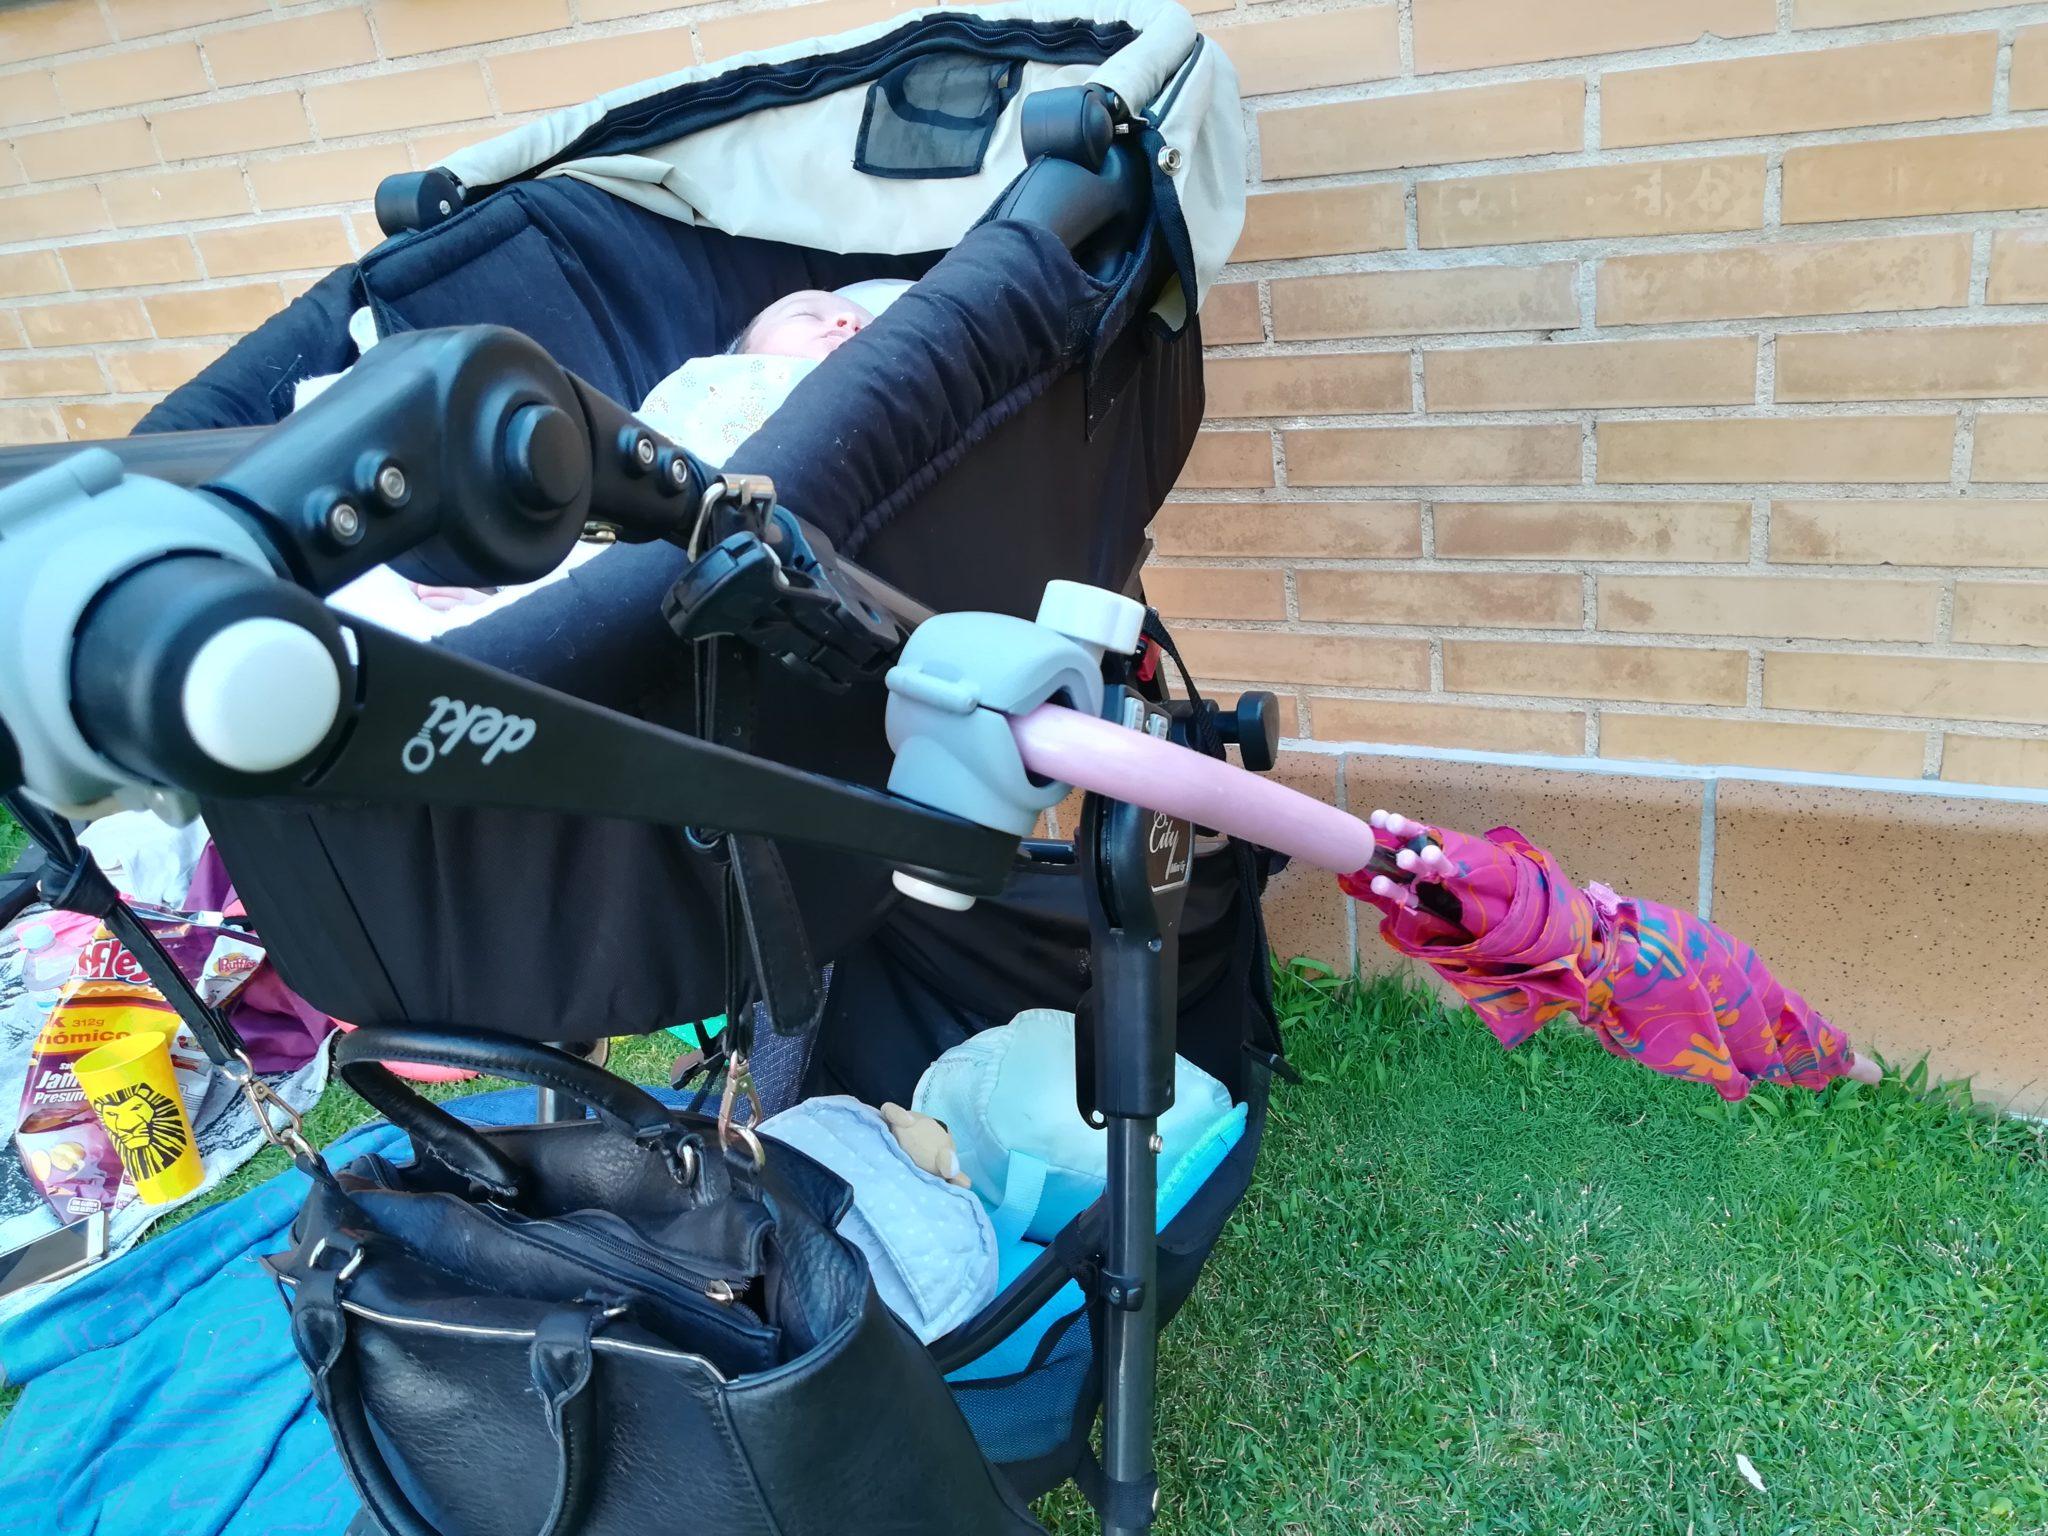 IMG 20180709 201211 - Pinza sujetaparaguas o sombrilla para el carro con Deki Dry&Go